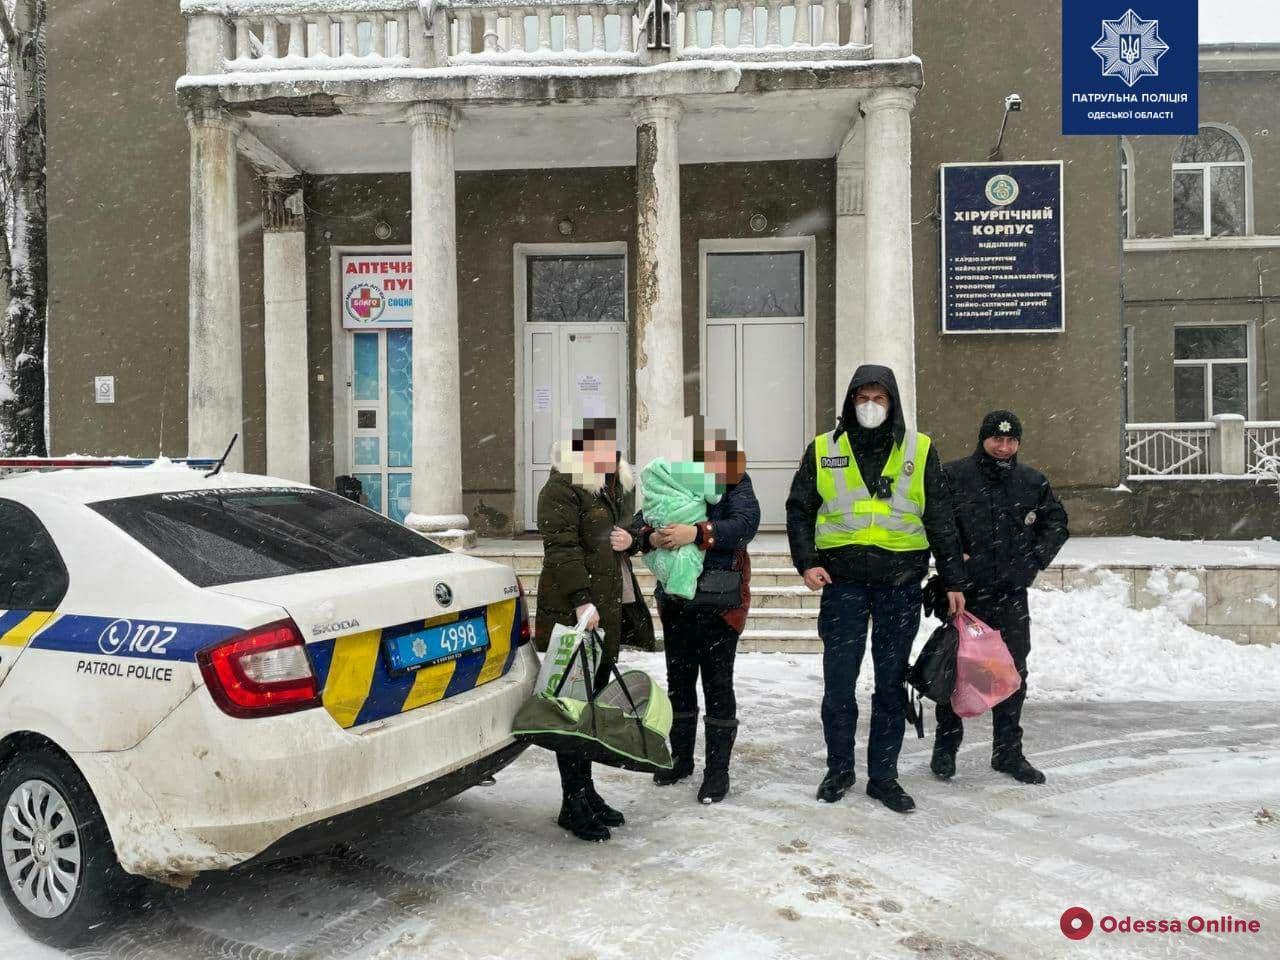 Застряли на трассе из-за ДТП: одесские патрульные доставили в больницу семью с младенцем